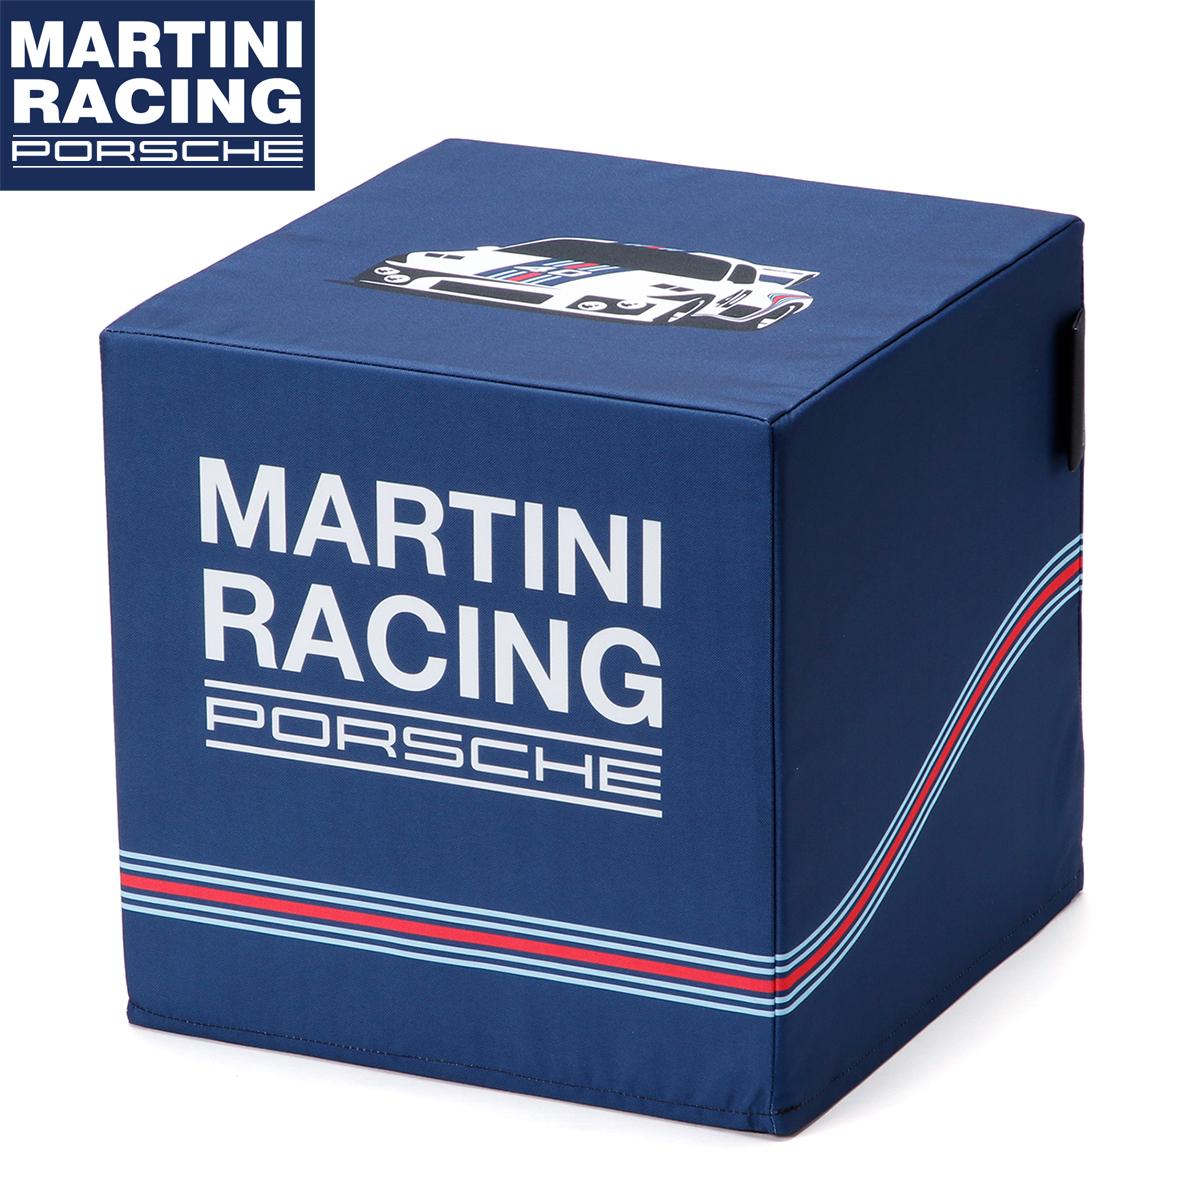 【ポルシェ マルティニ レーシング/PORSCHE MARTINI RACING】サイコロ チェア キューブ型 ポルシェ935 防水性 インテリア